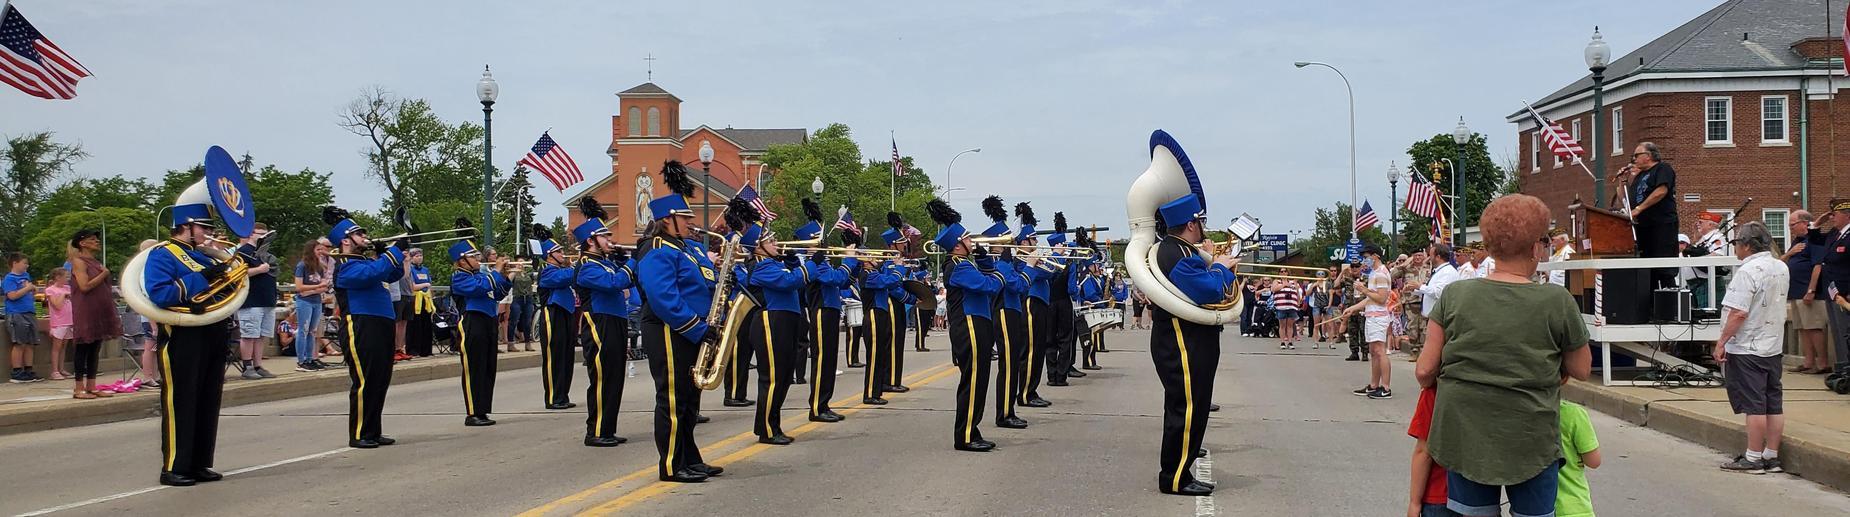 JHS Band at Memorial Day Parade